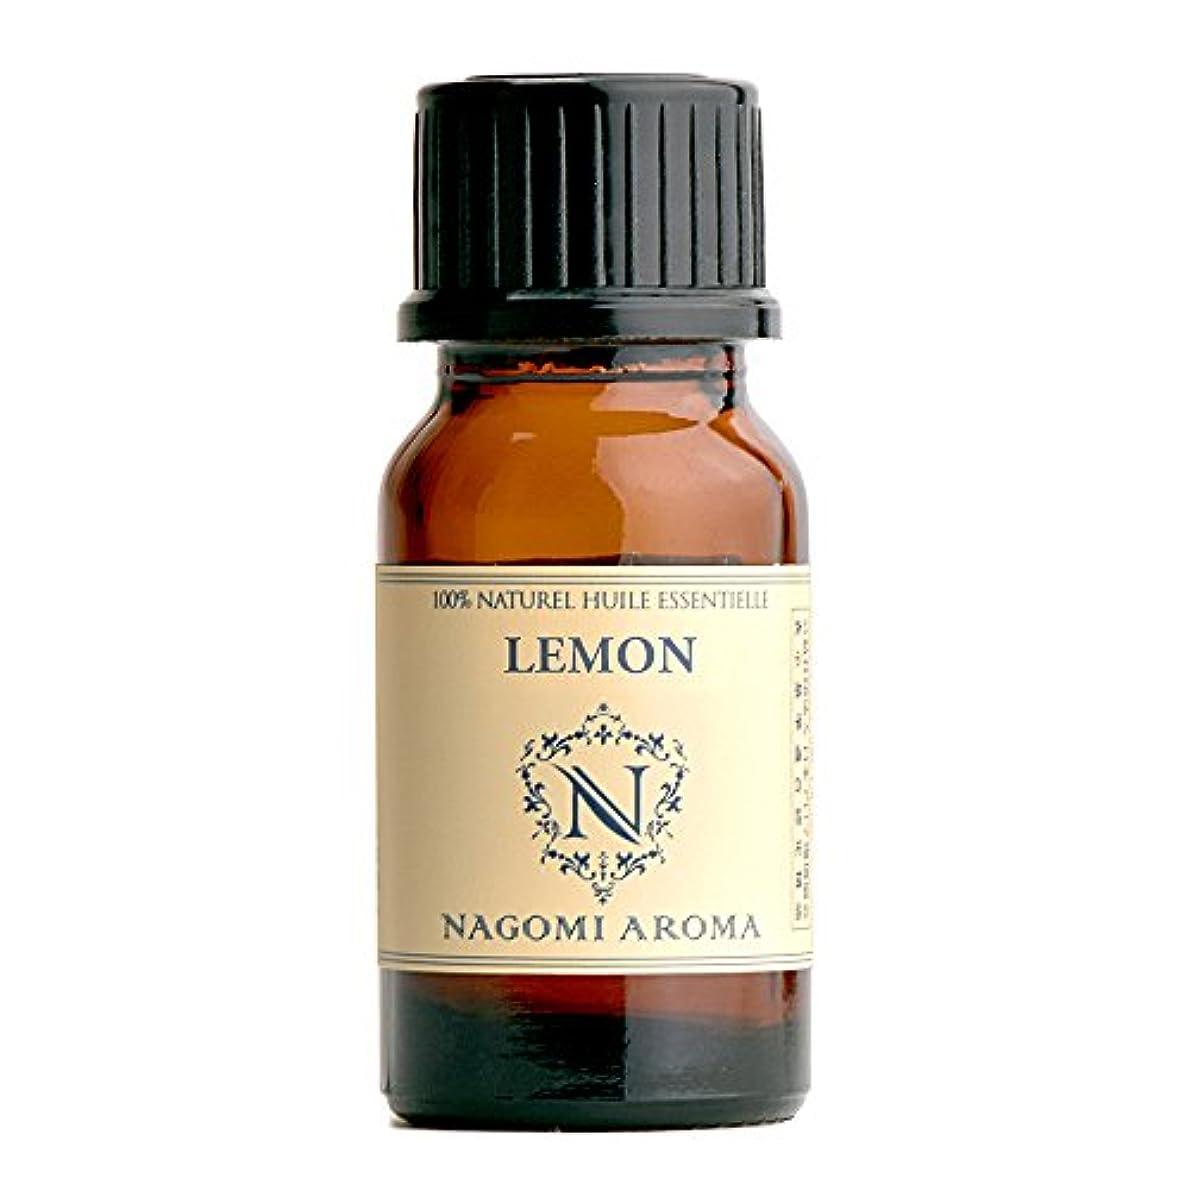 スイス人怪しい安定したNAGOMI AROMA レモン 10ml 【AEAJ認定精油】【アロマオイル】